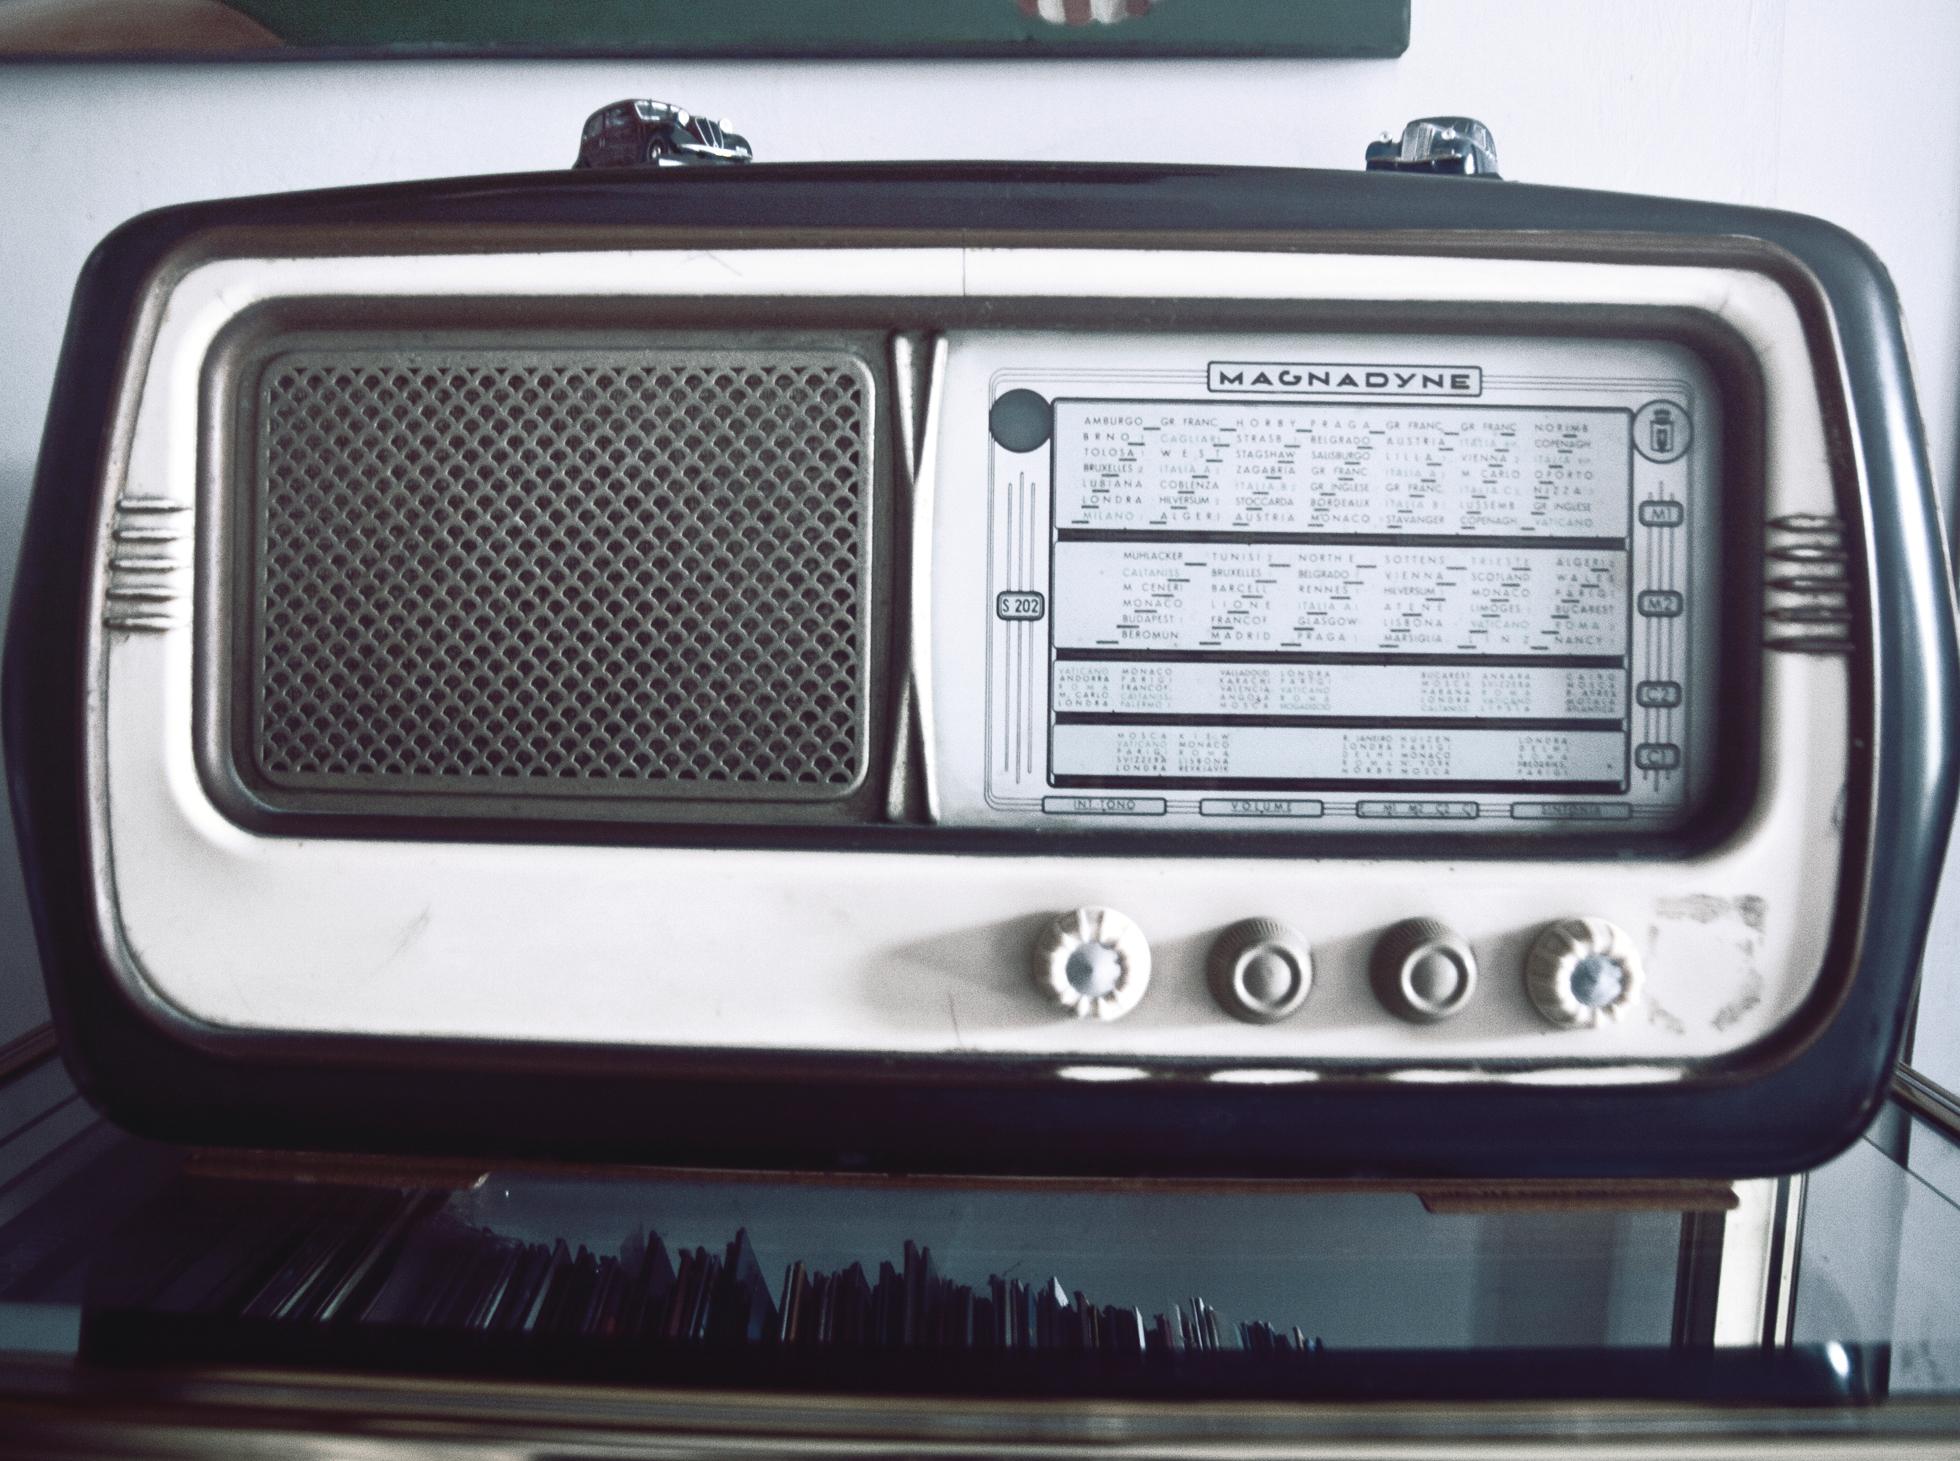 Ciekawe podcasty historie dla ucha